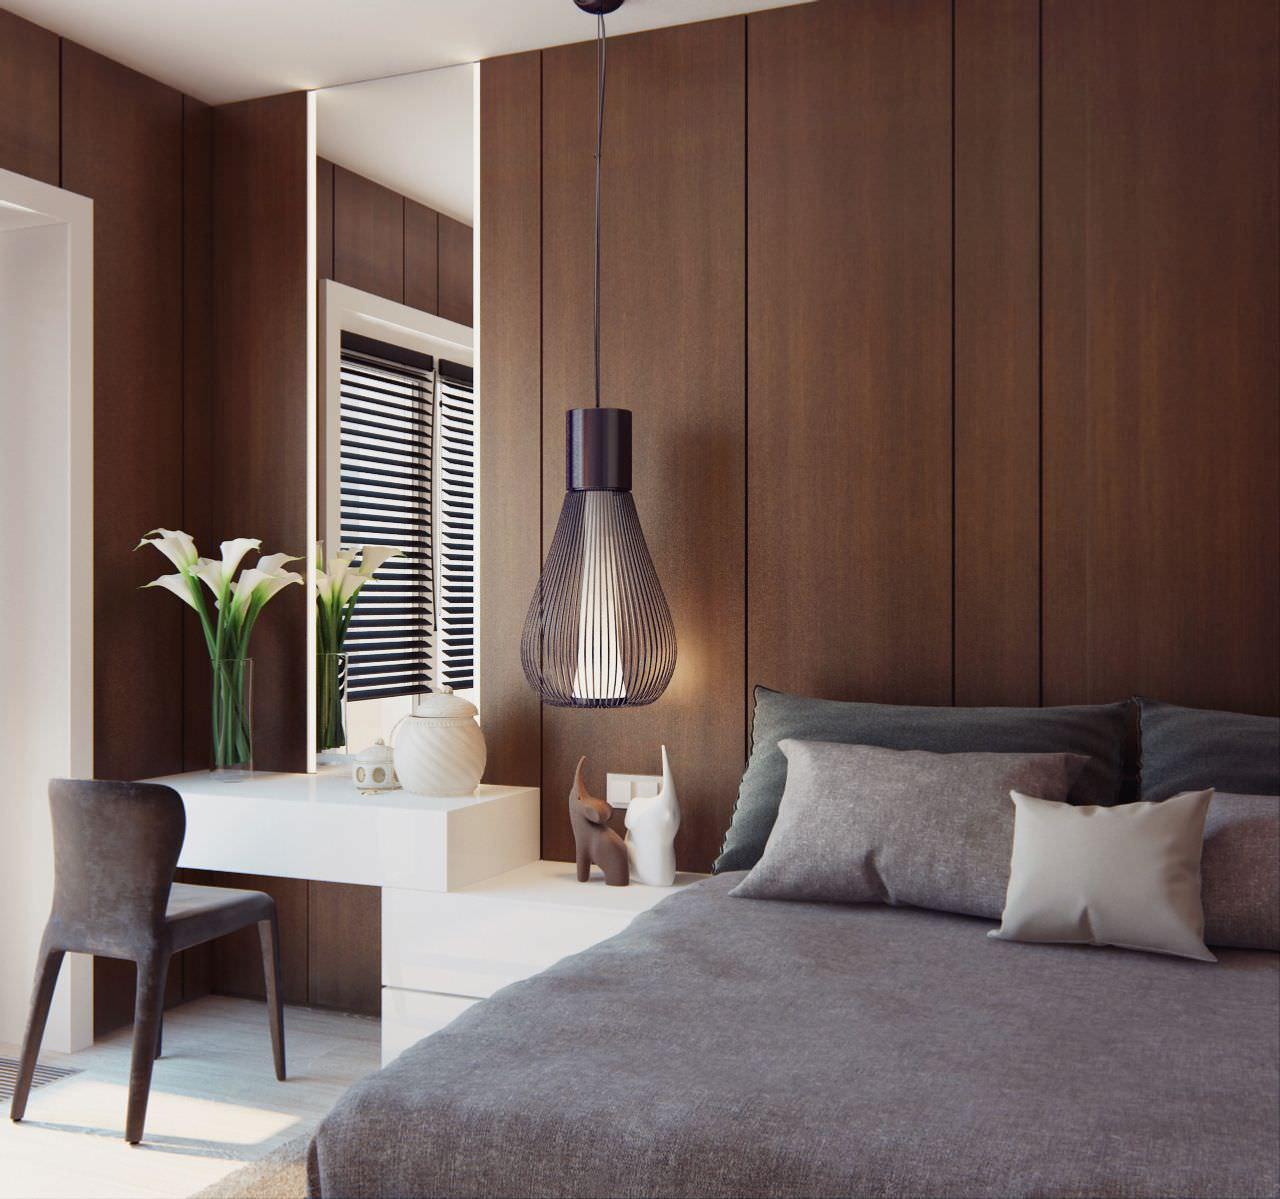 Camera da letto completa emma canyon white. 100 Idee Camere Da Letto Moderne Colori Illuminazione Arredo Camera Moderna Start Preventivi